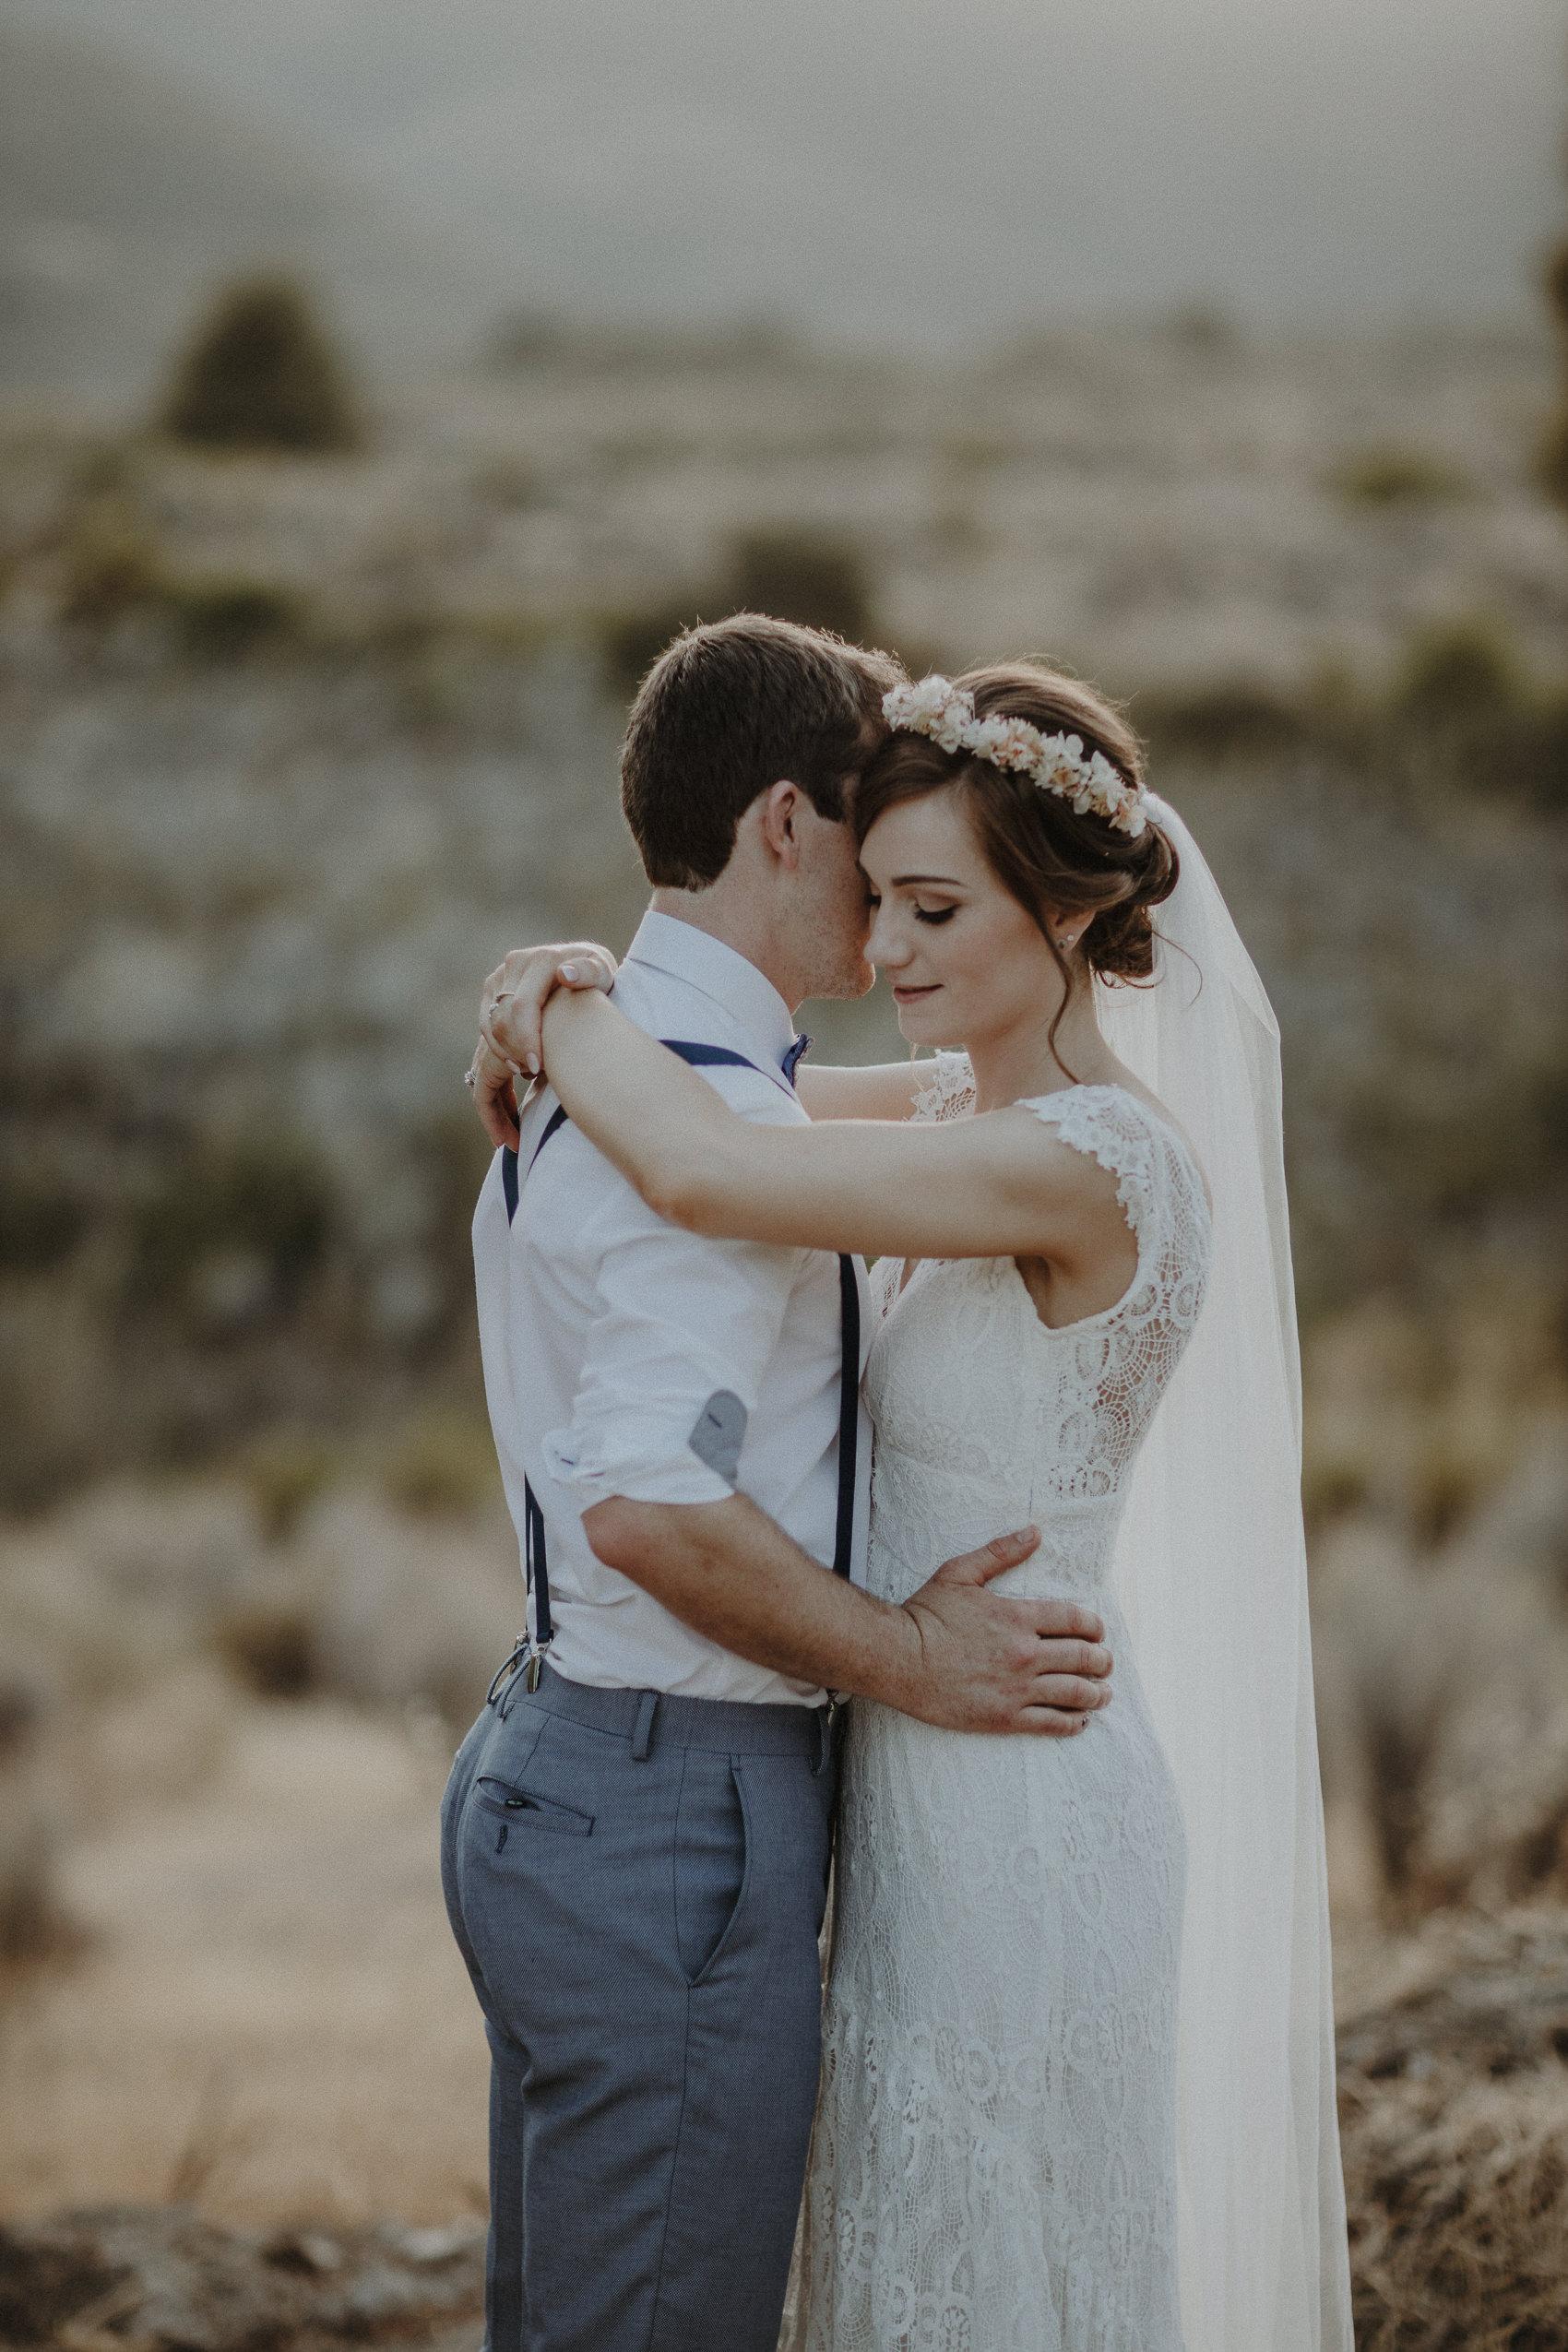 Sarah & Bill | Summer wedding at Cortijo Rosa Blanca | Marbella - Spain 141